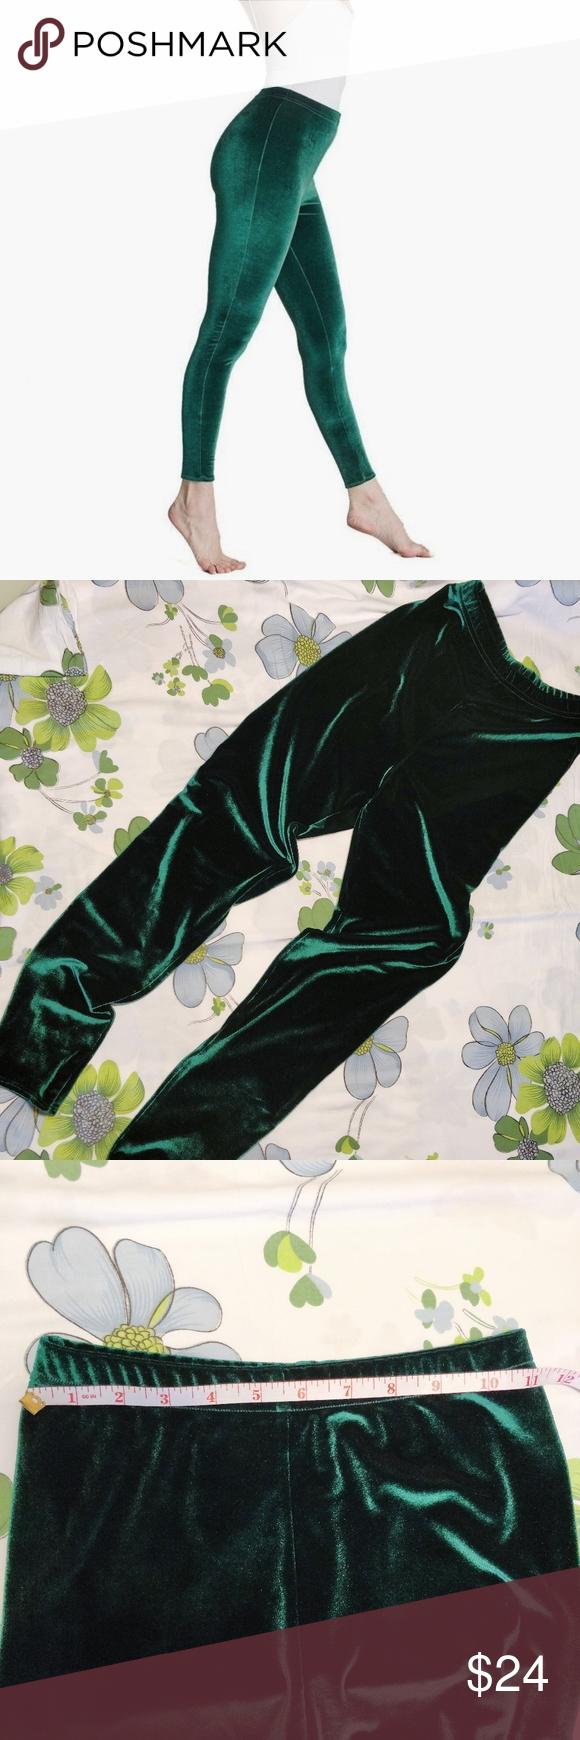 d76ad3cfb5c71 American Apparel green velvet leggings American Apparel dark green/emerald  skinny velvet leggings So soft